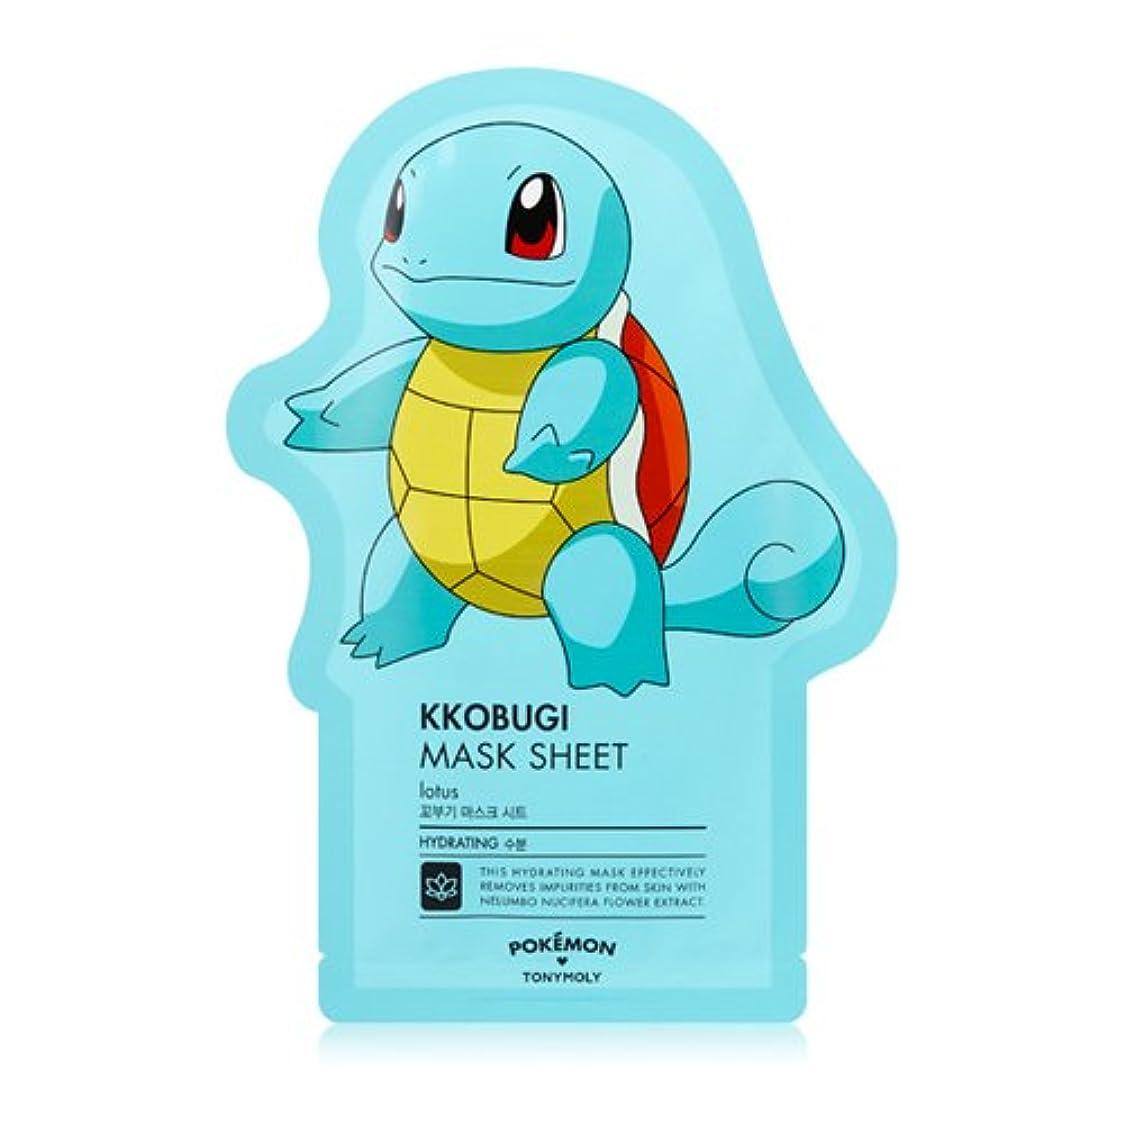 水差し世代TONYMOLY x Pokemon Squirtle/Kkobugi Mask Sheet (並行輸入品)